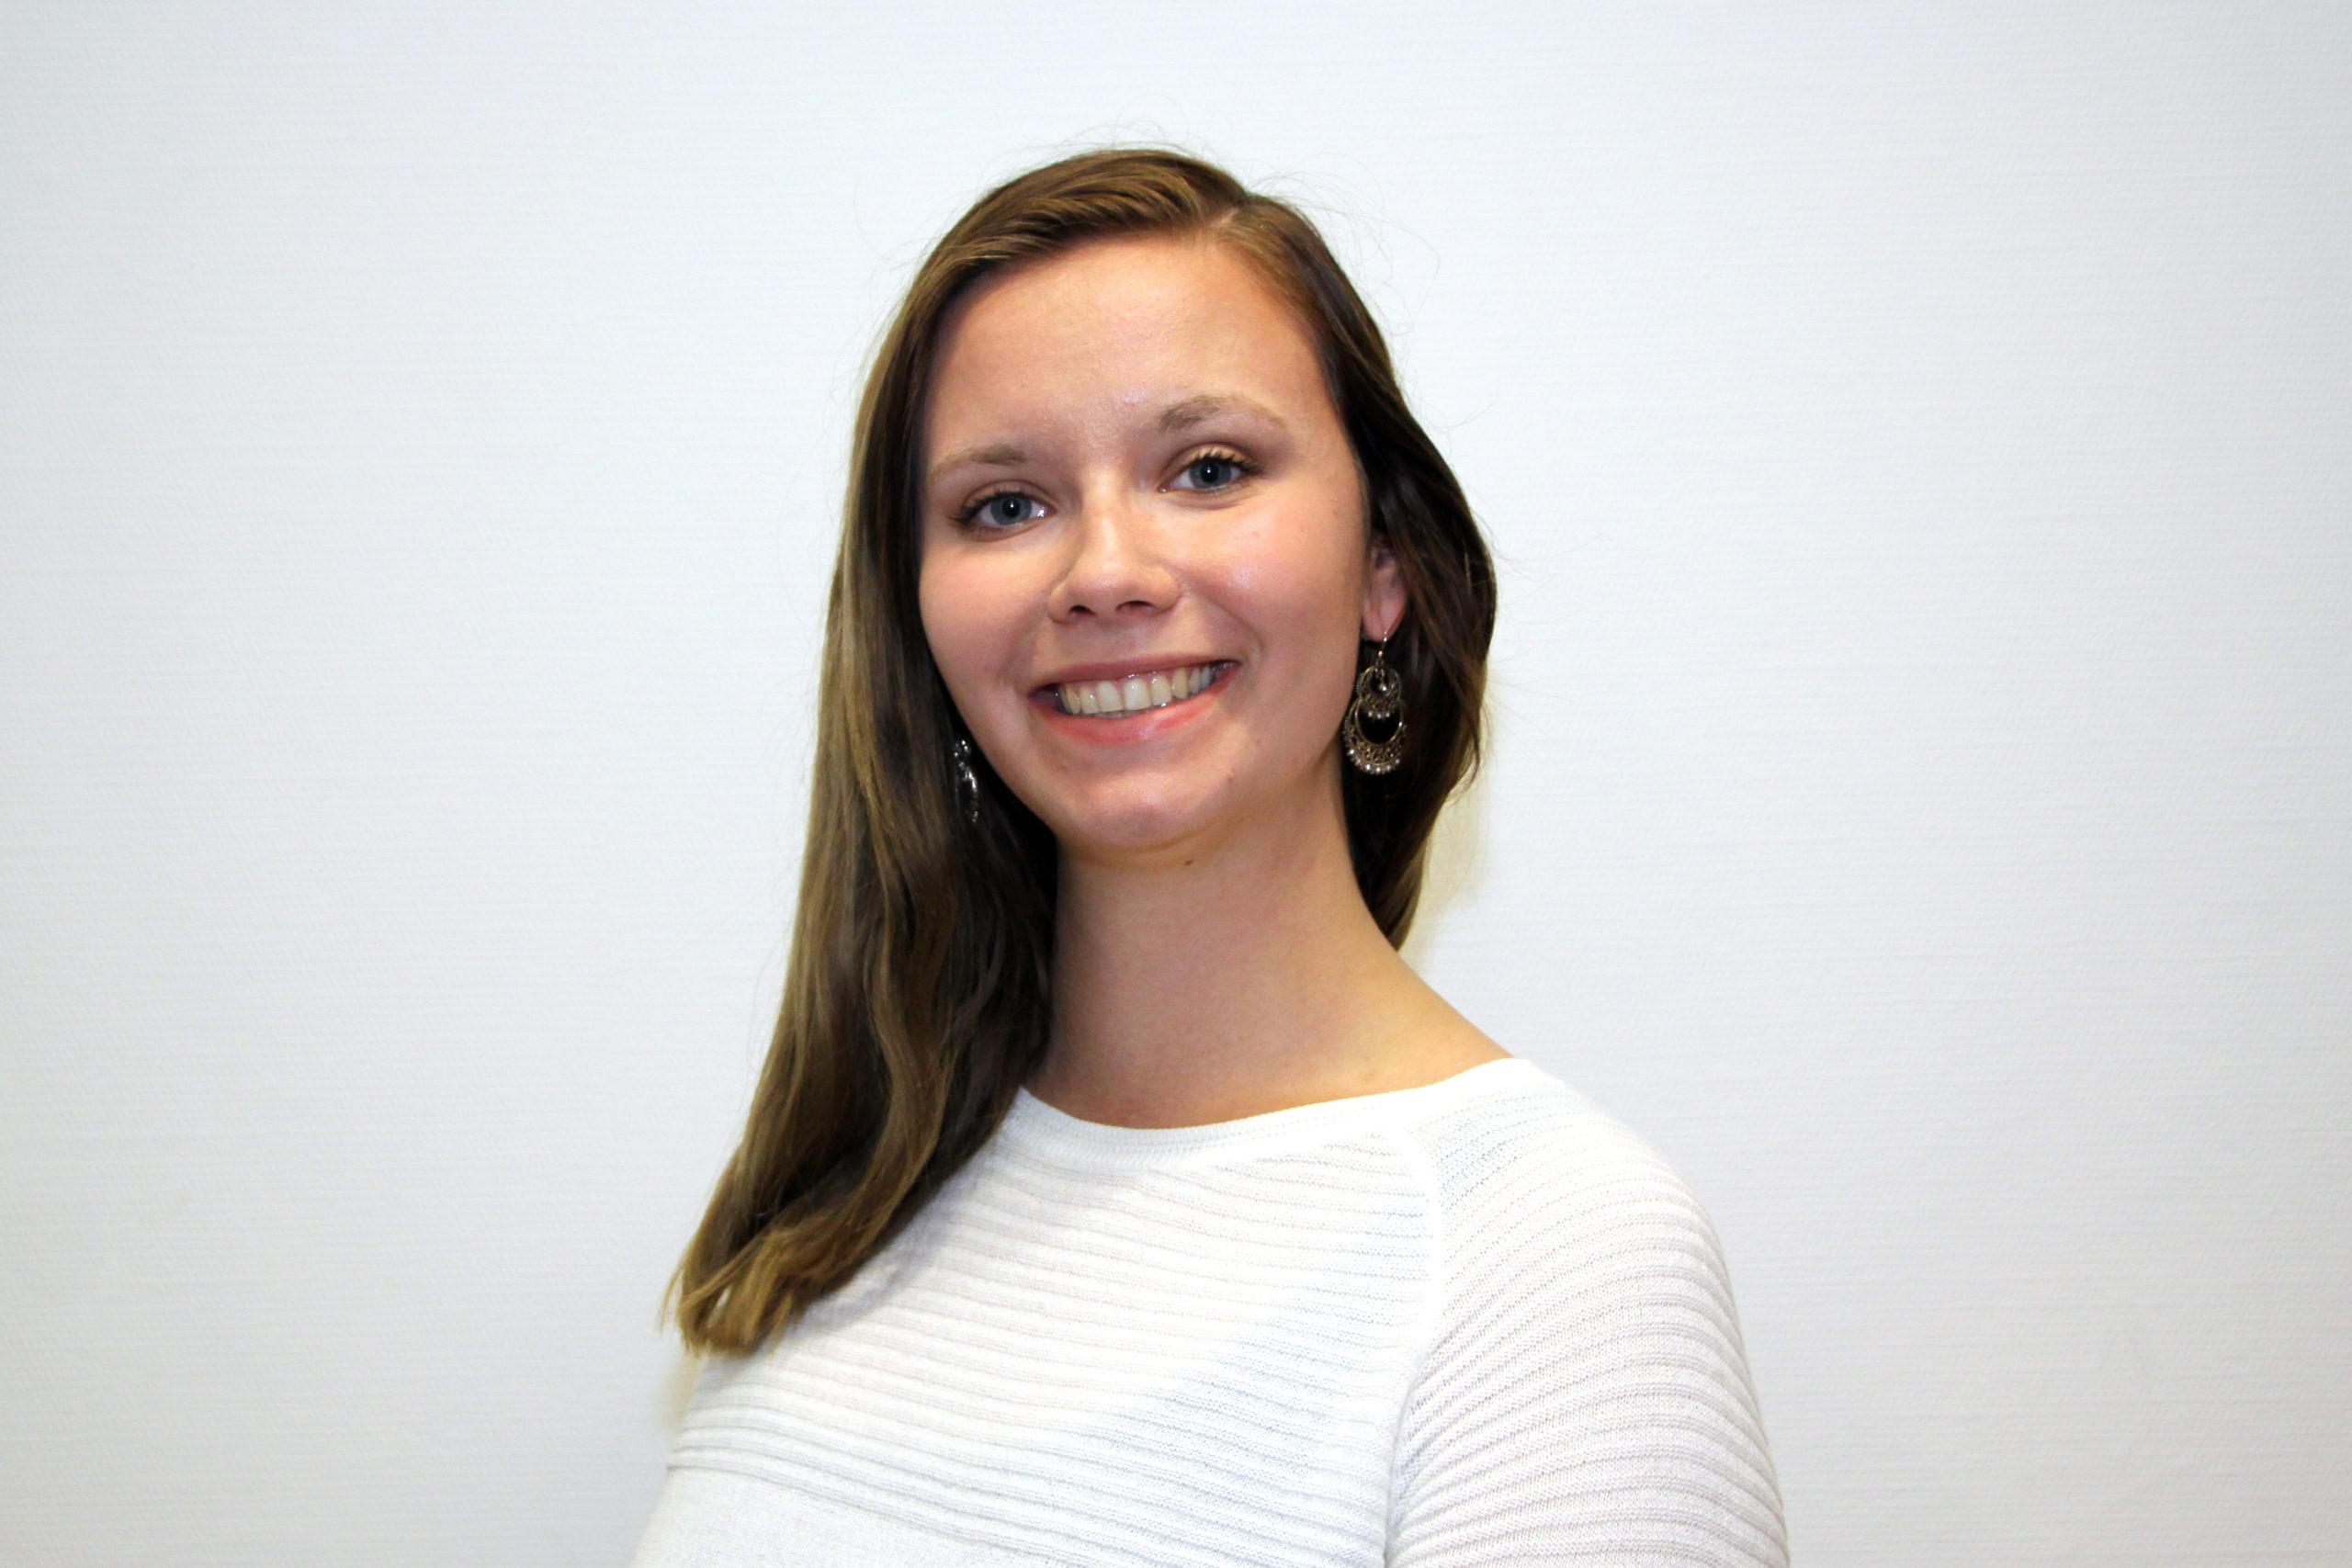 Pharmazeutisch-kaufmännische Angestellte PKA Laura Wittenzellner